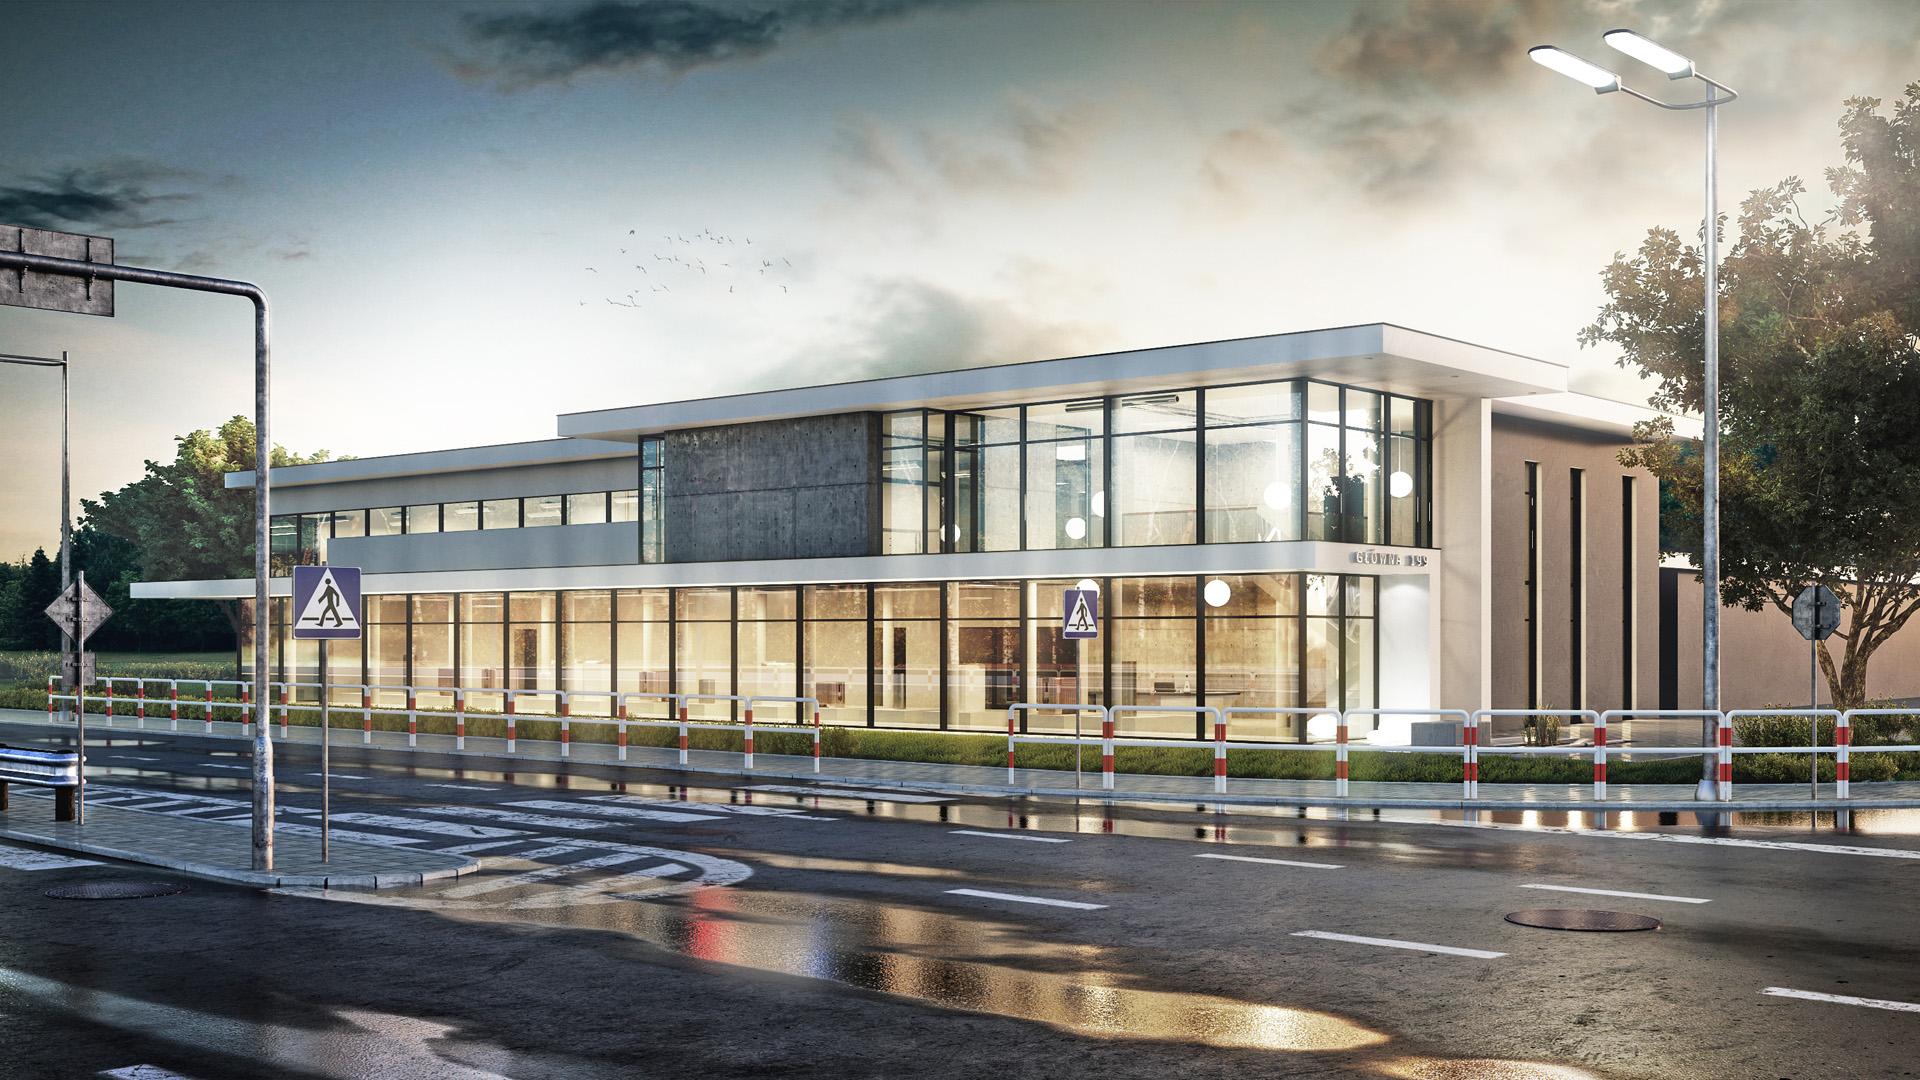 Projekt koncepcyjny - funkcjonalno - przestrzenny budynku us³ugowo - handlowego, siedziby firmy ZITERM